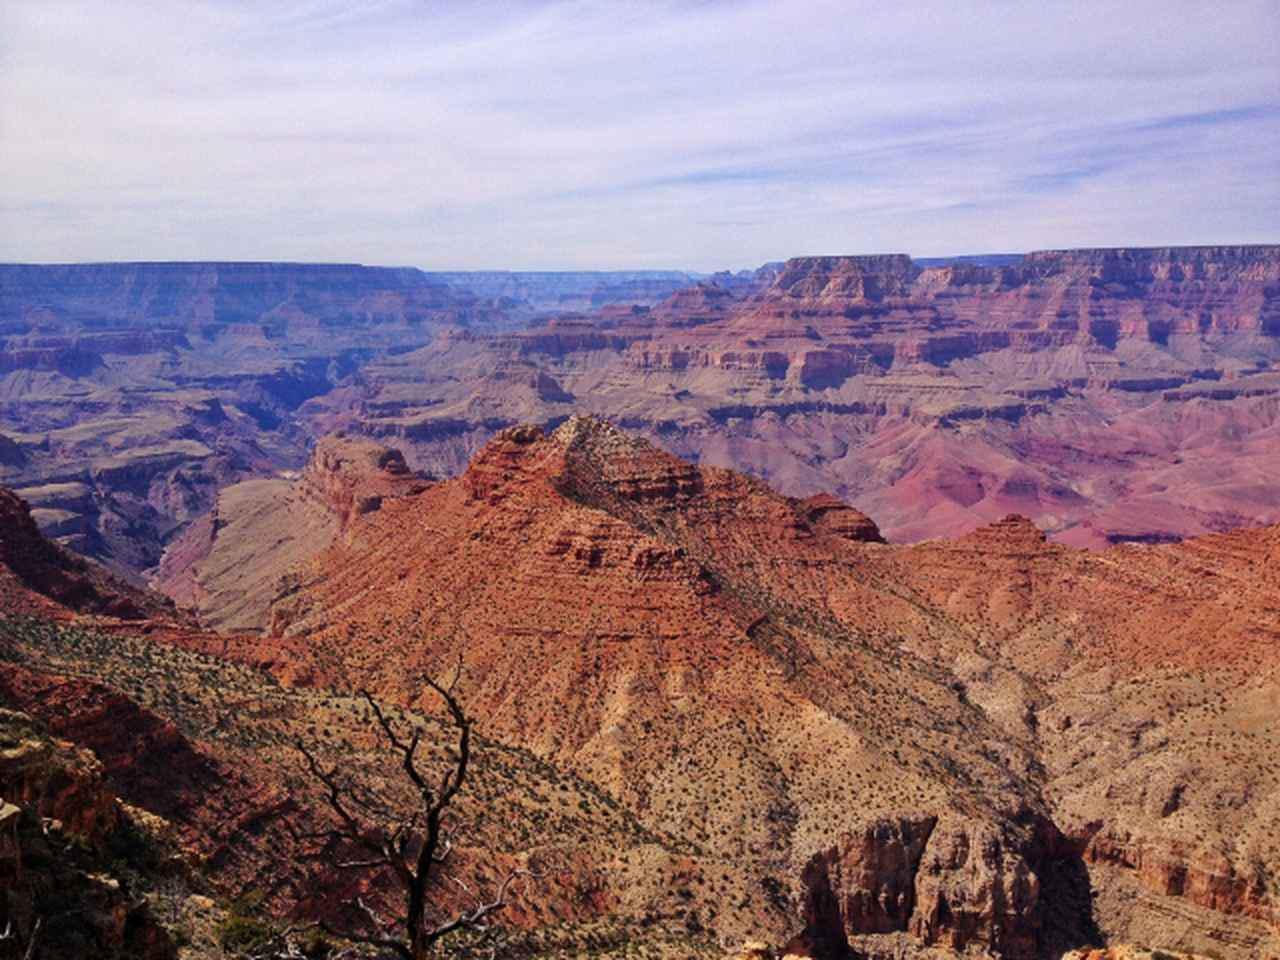 画像5: 大自然に圧倒されるグランドサークルは絶景満喫のドライブコースで。